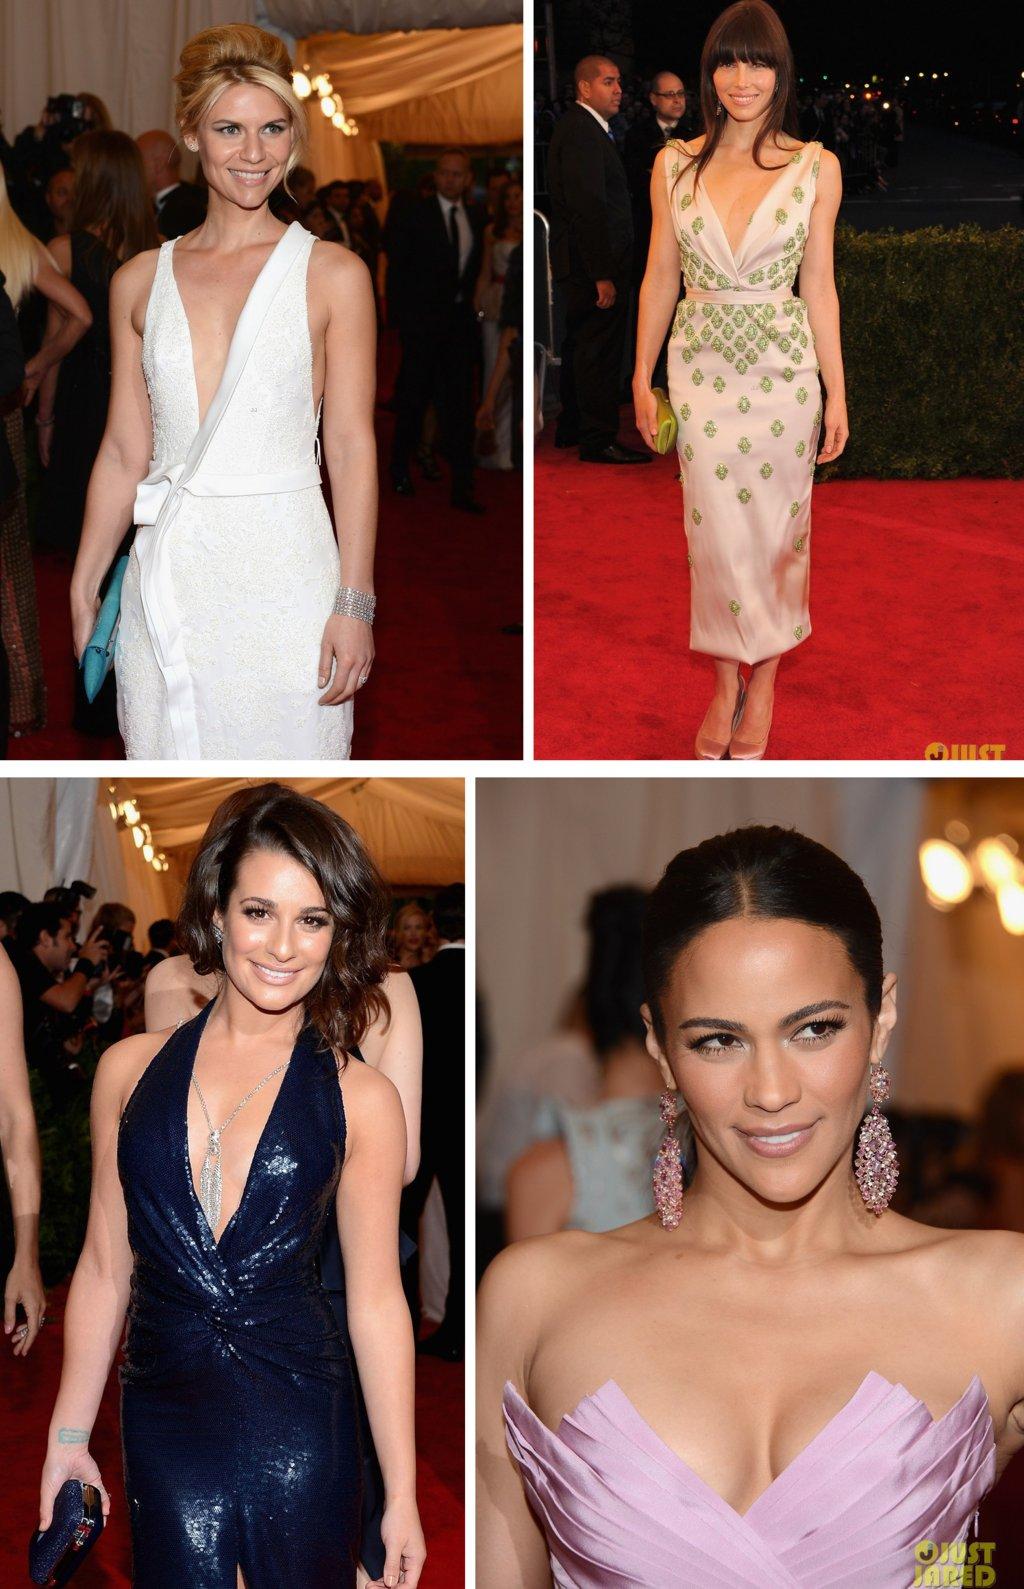 Wedding-trends-bridal-style-inspiration-met-ball-2012-deep-v-necklines.full